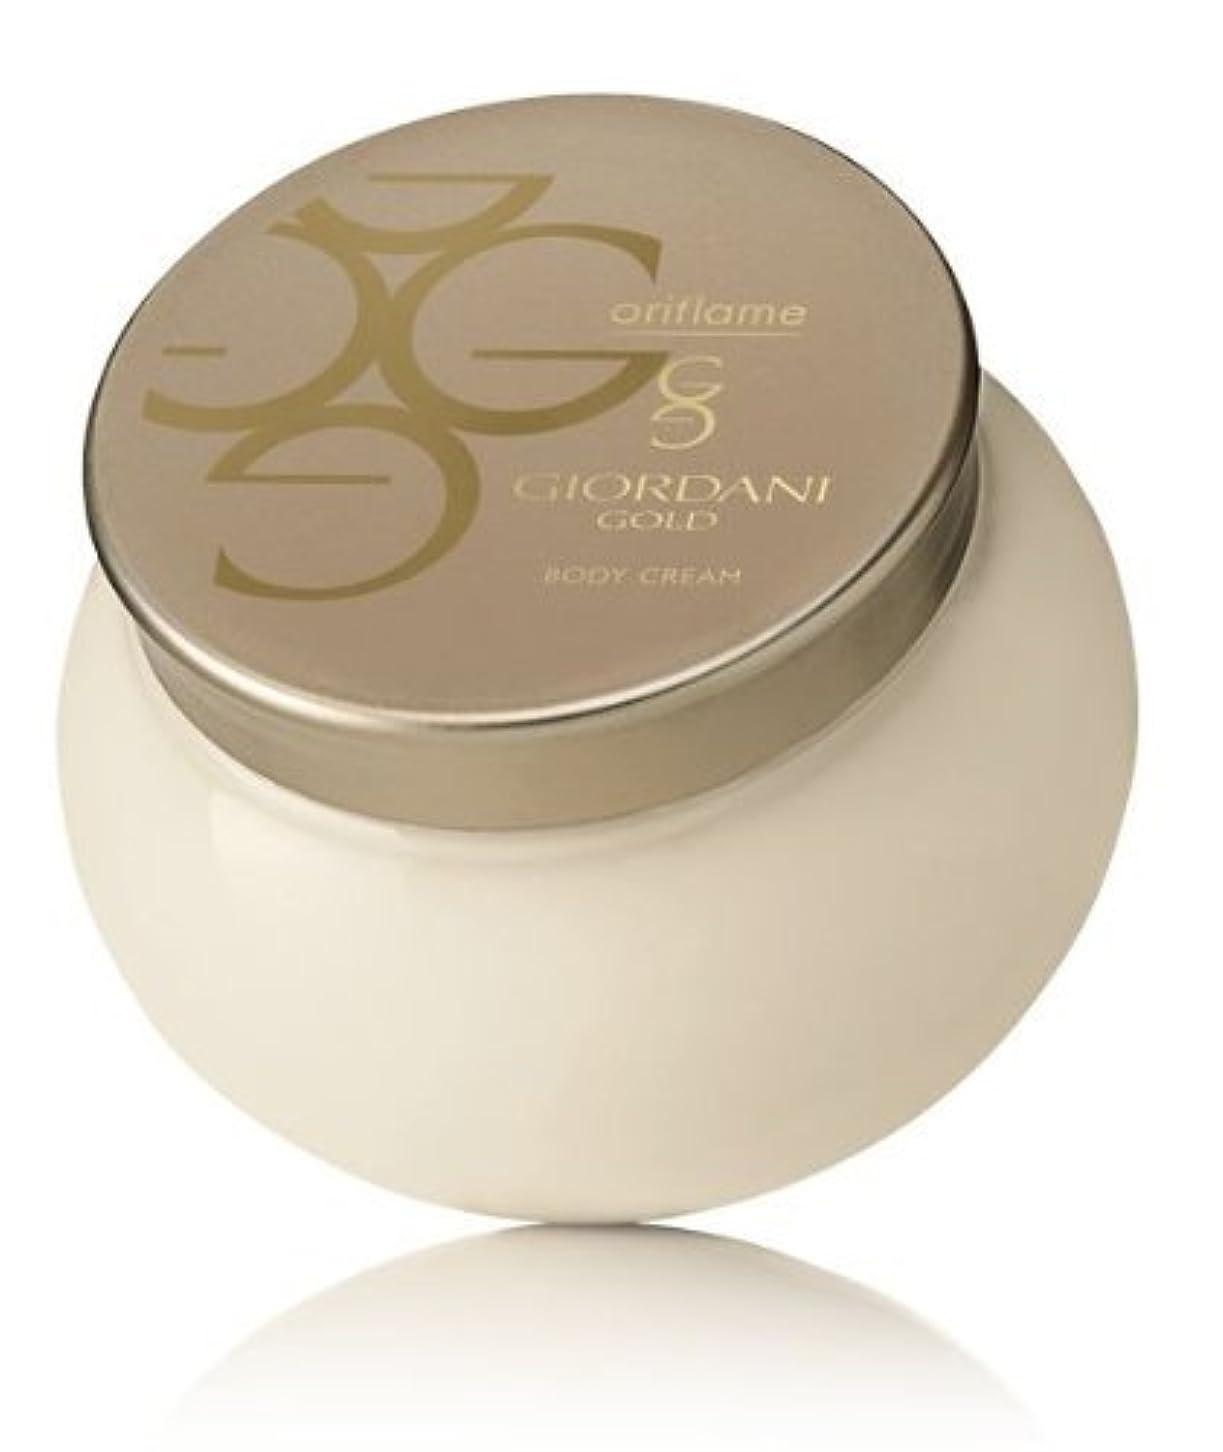 タイプライター法医学きゅうりGiordani Gold Body Cream by Oriflame